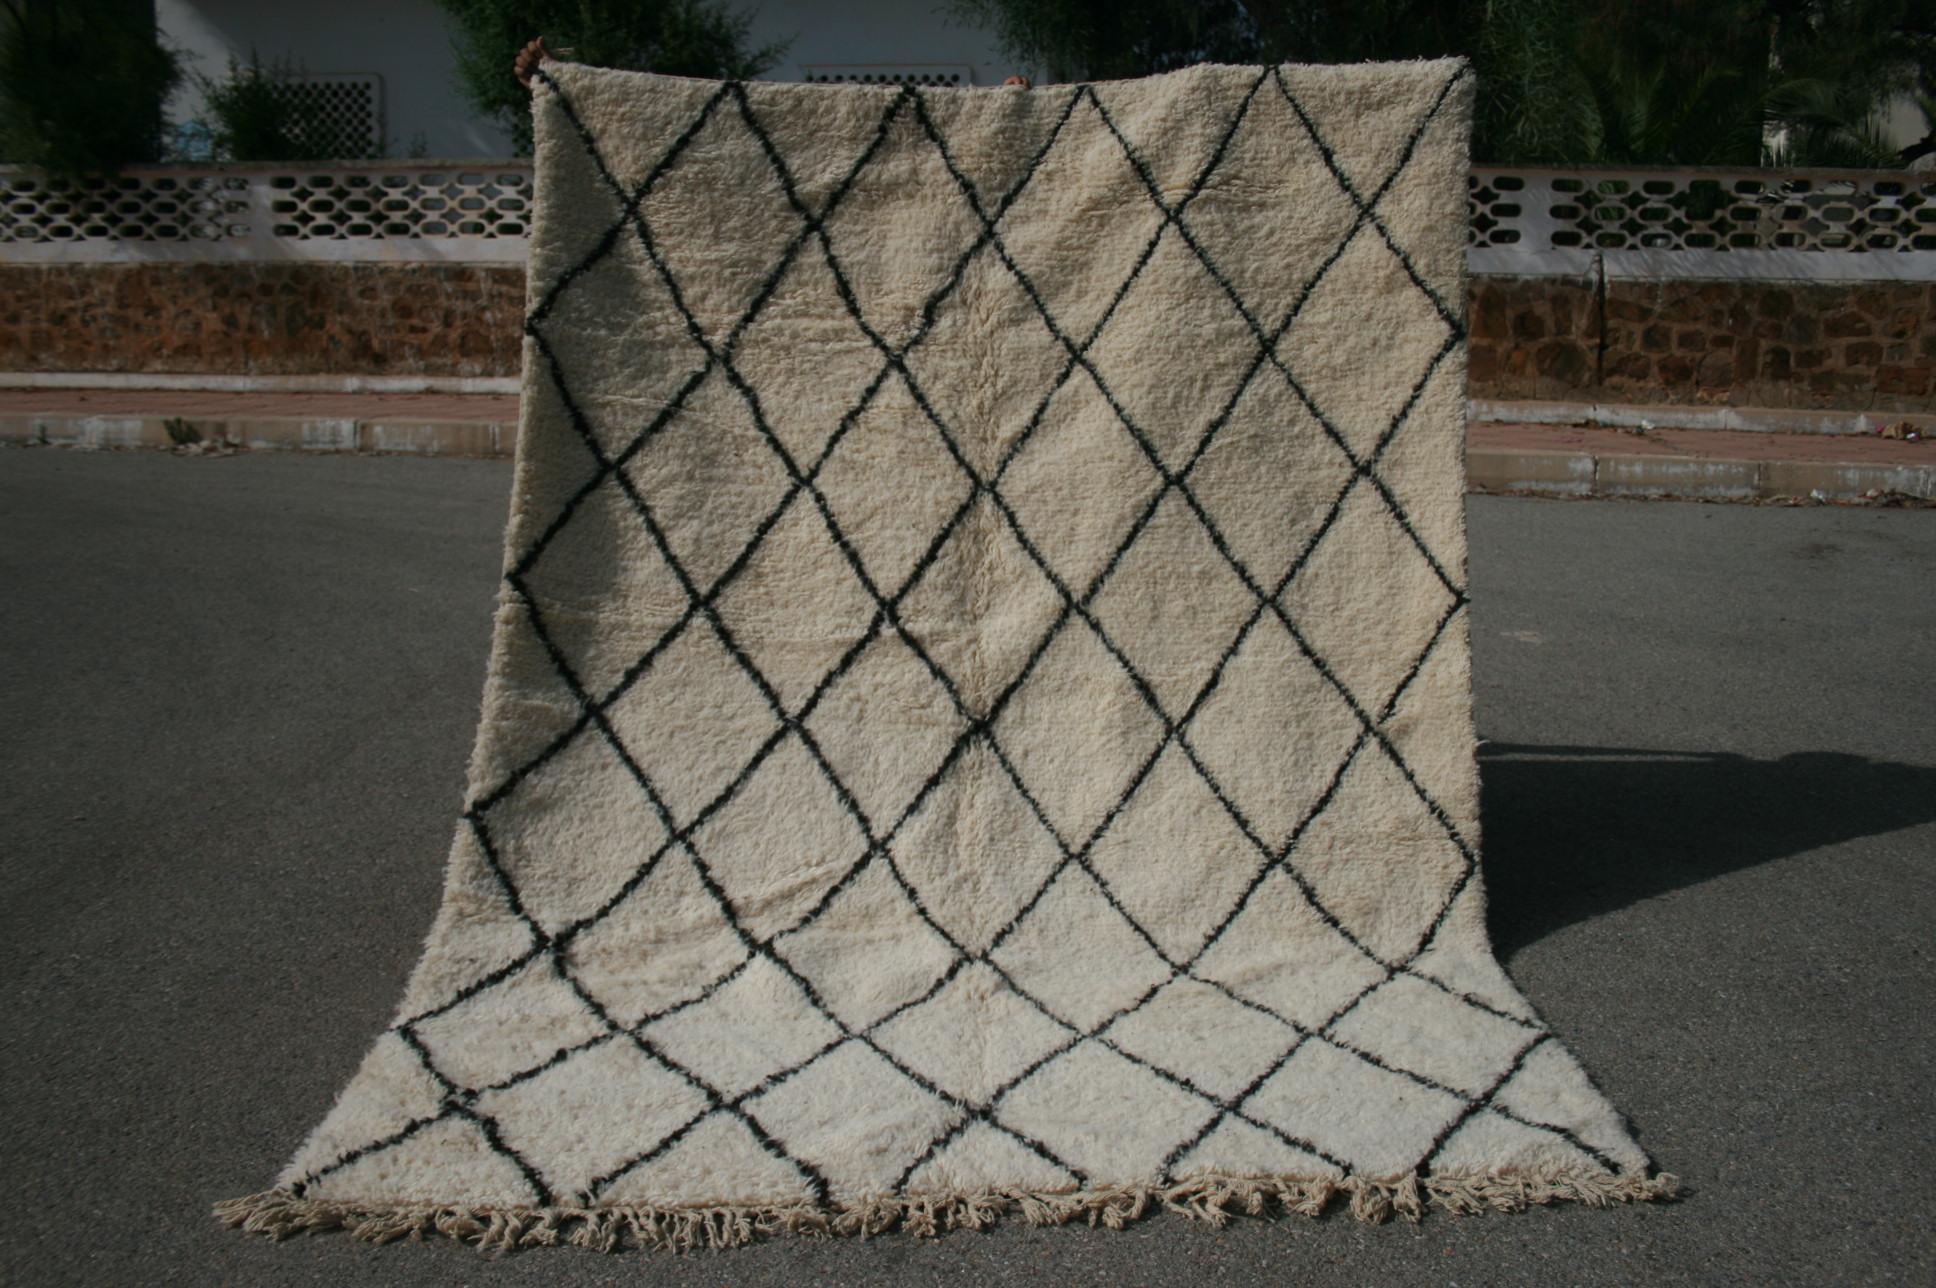 Beni Ouarain vloerkleed uit Marokko no 2564 (292cm x 217cm) Leverbaar vanaf 20 juli, nu bestelbaar.